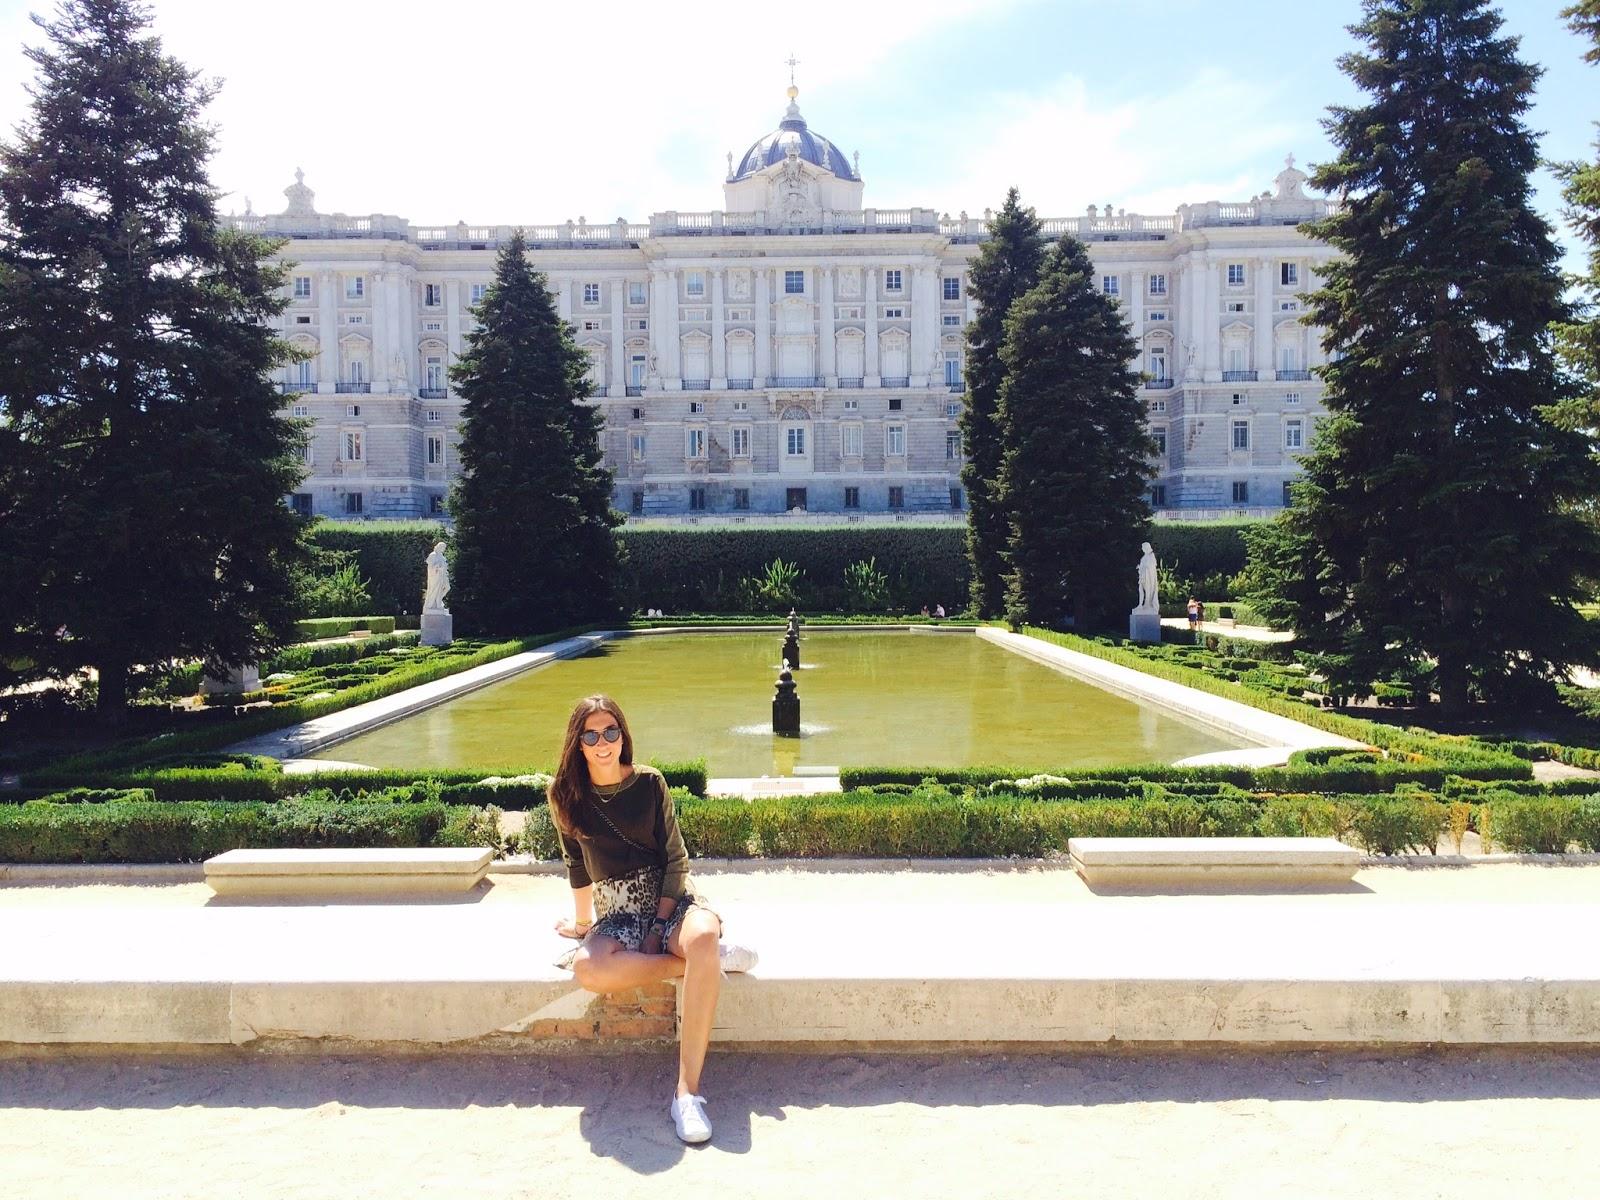 Palacio Real Madrid - Hotspot